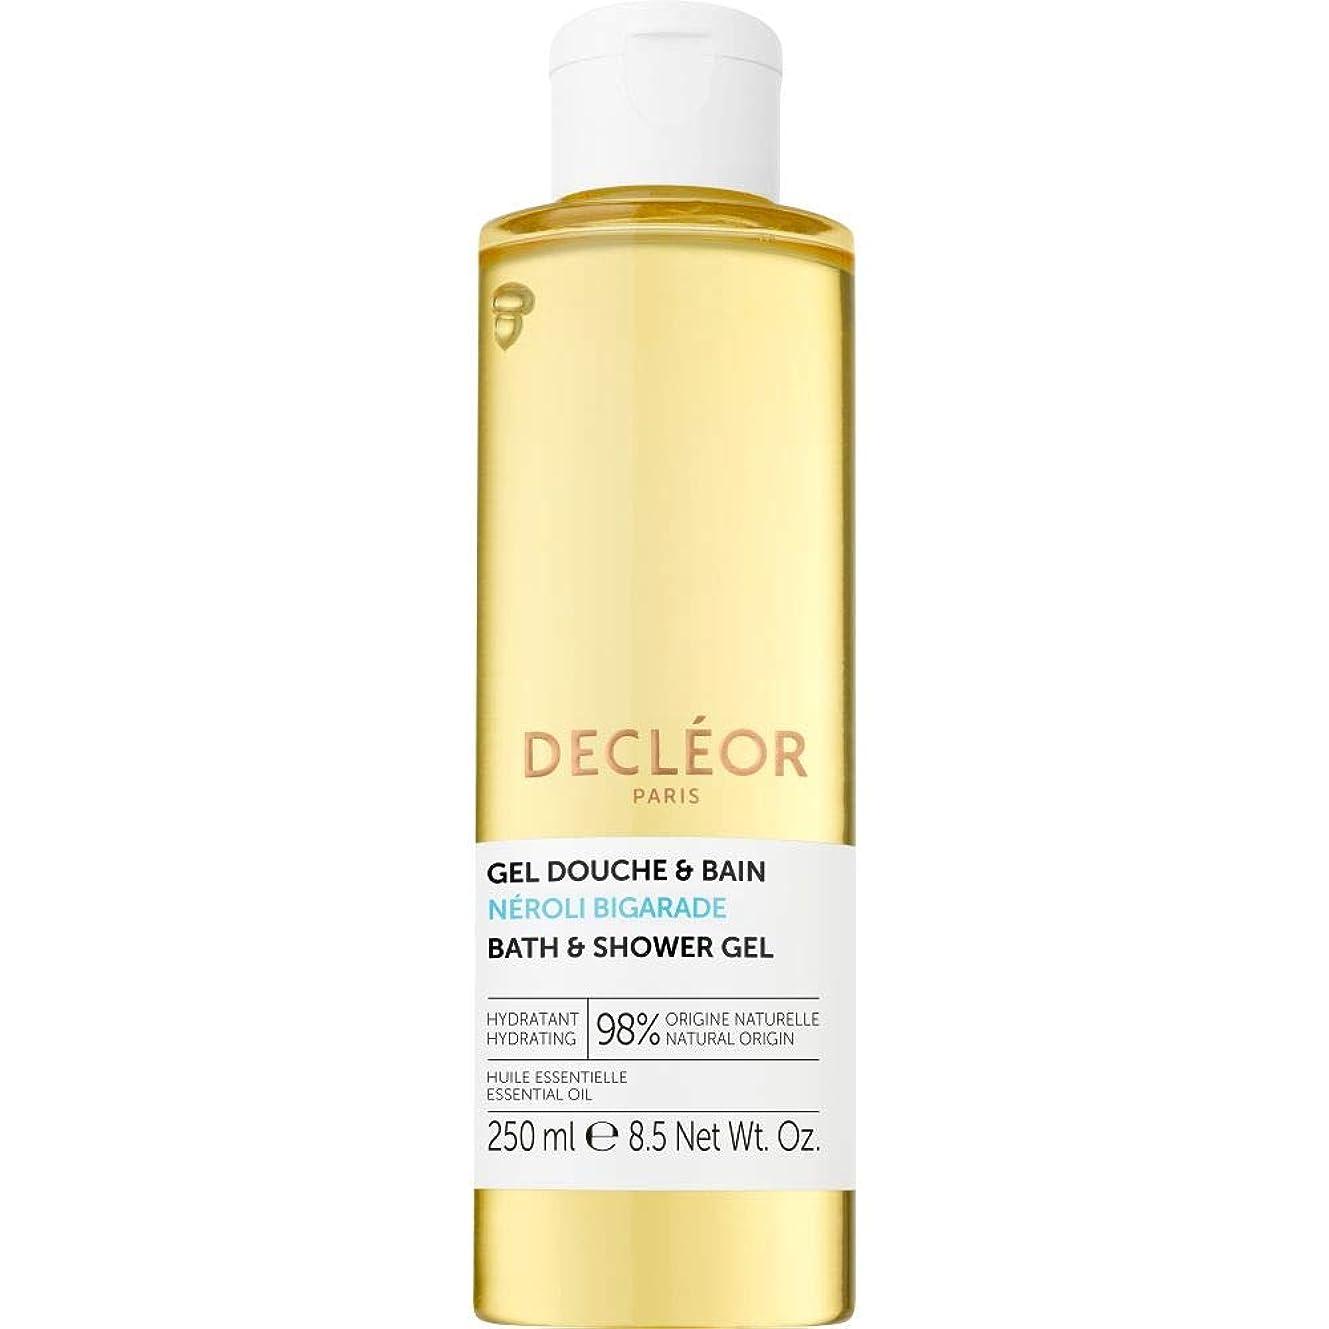 浸す鳴り響く配分[Decl?or ] デクレオールネロリBigaradeバス&シャワージェル250ミリリットル - Decleor Neroli Bigarade Bath & Shower Gel 250ml [並行輸入品]